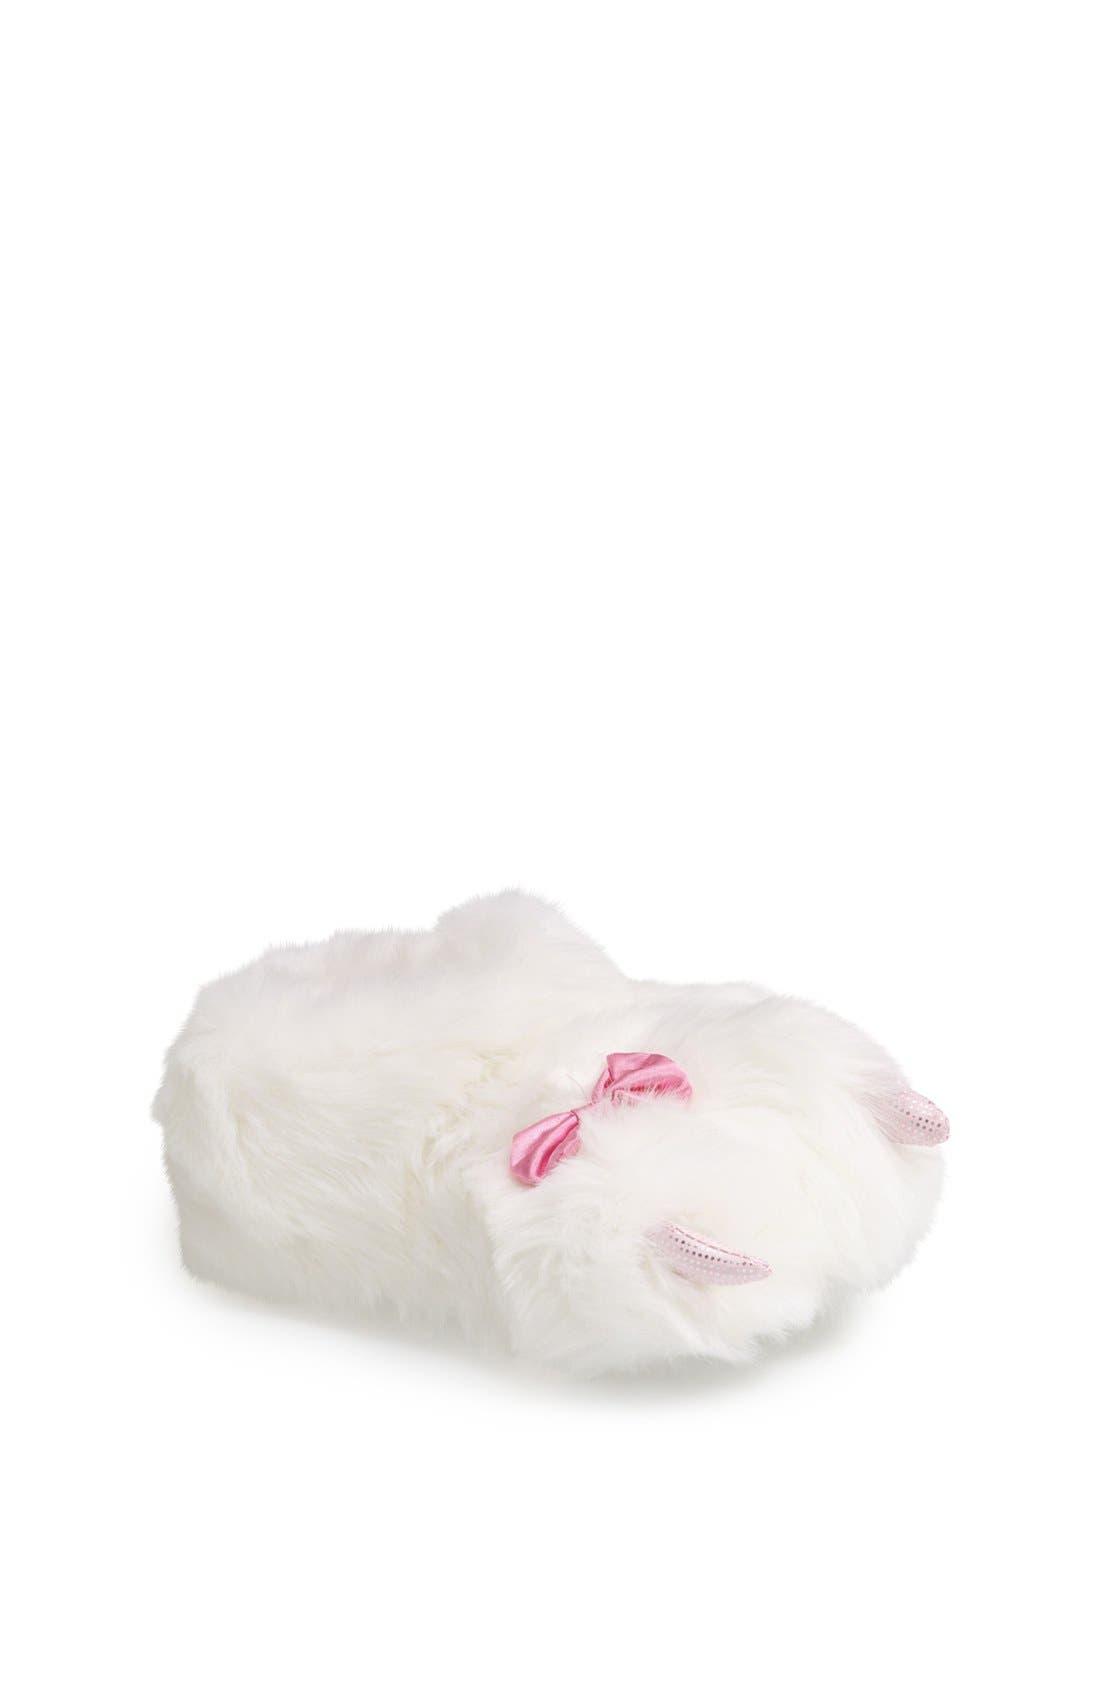 Alternate Image 1 Selected - Stride Rite 'Chloe' Bear Claw Slipper (Toddler Girls & Little Girls)